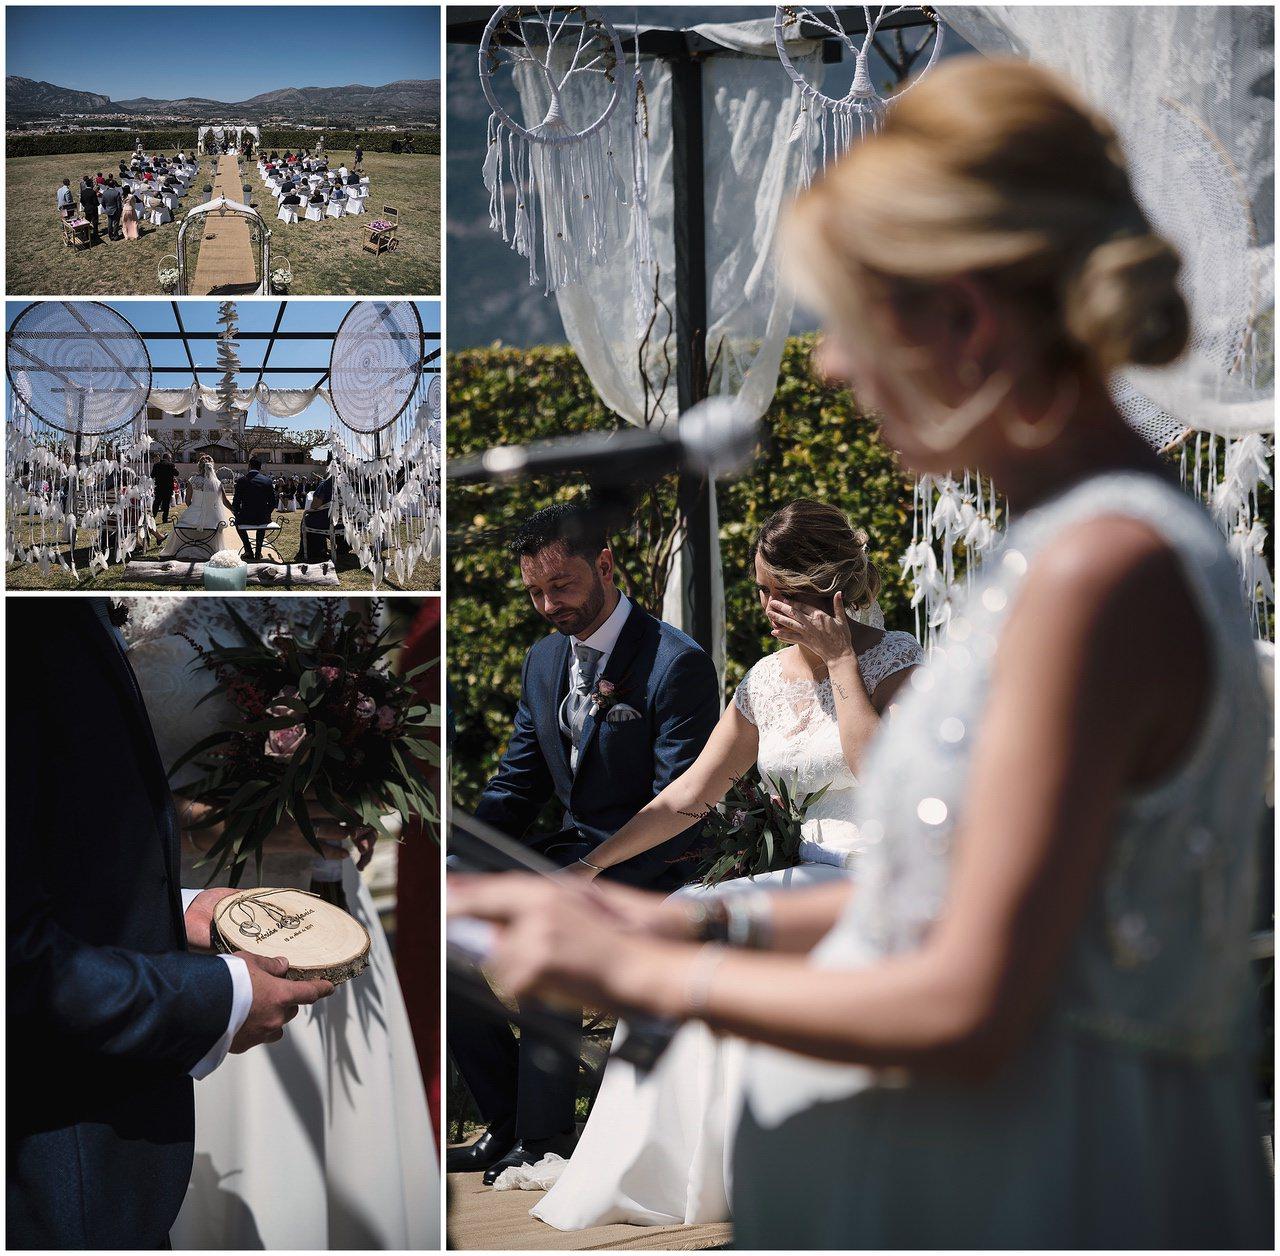 Fotógrafo de bodas en Alcoy, boda de estefy9